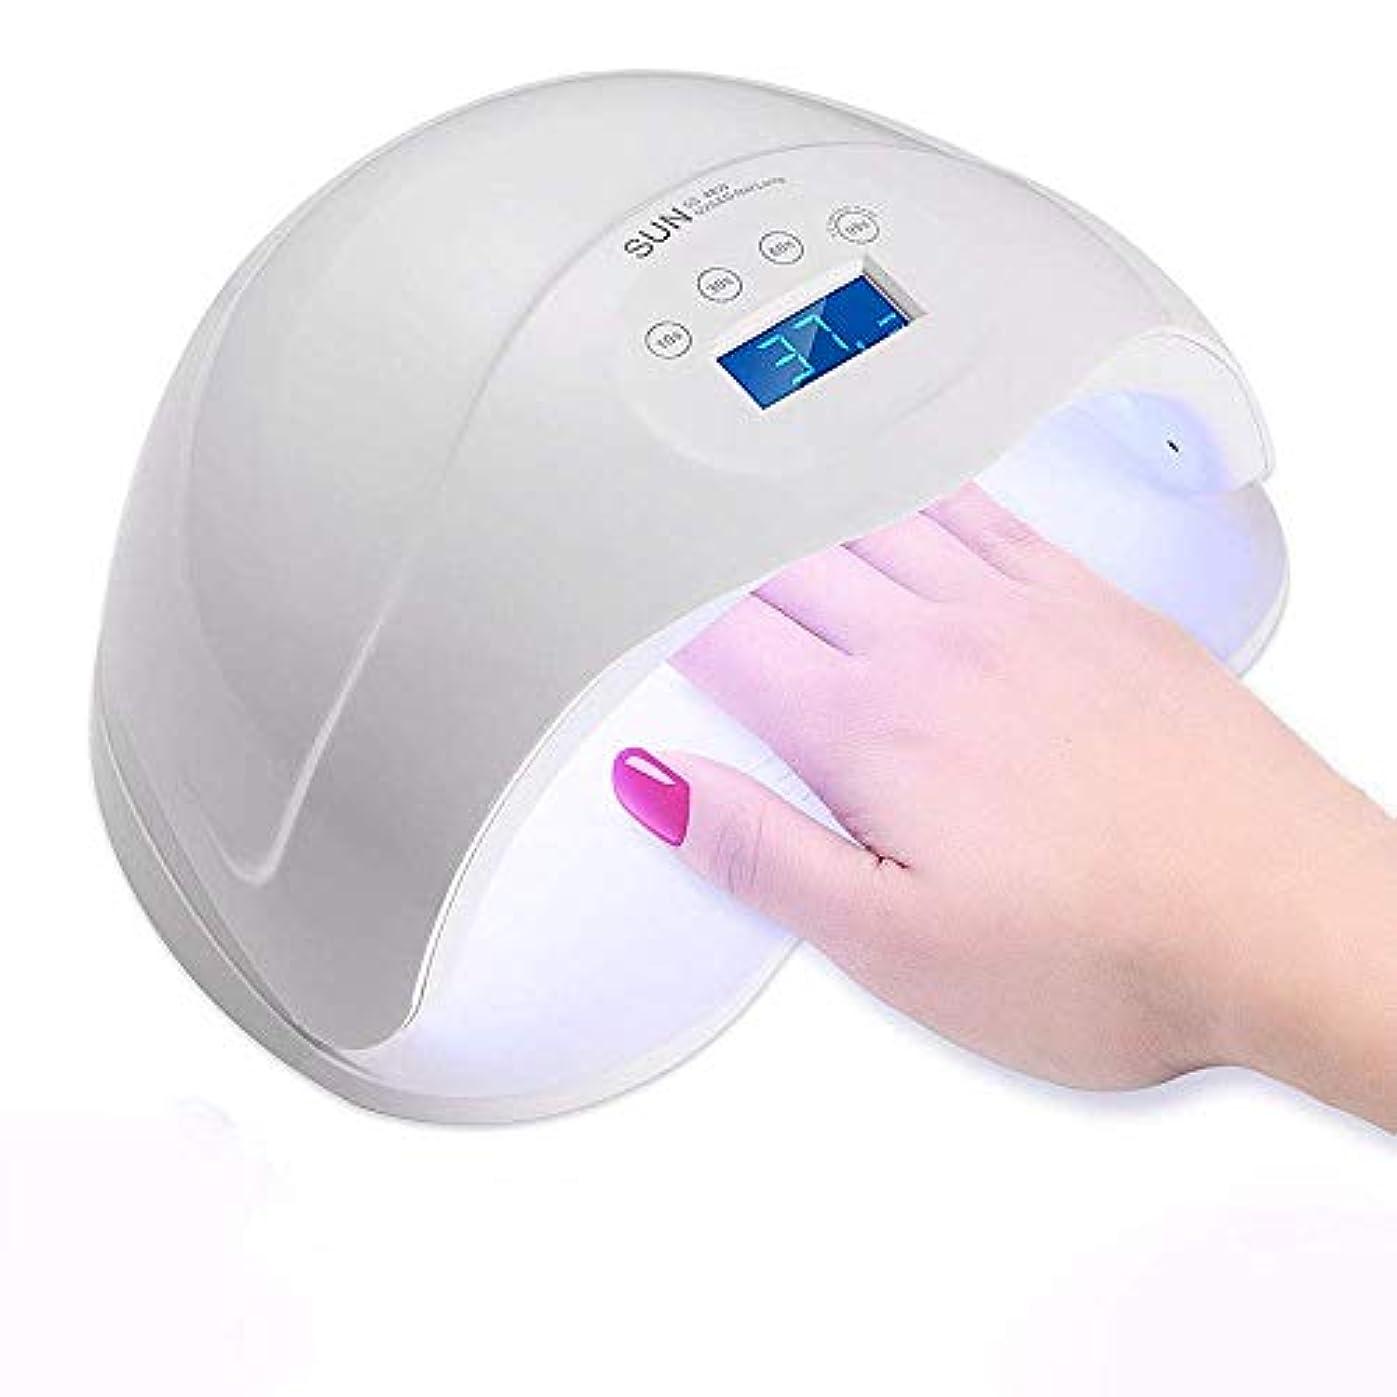 アプライアンス核意見48W UVネイルランプスマートセンサー速乾性痛みのないモードLEDネイルドライヤー4タイマー設定&24ダブル光源ビーズ